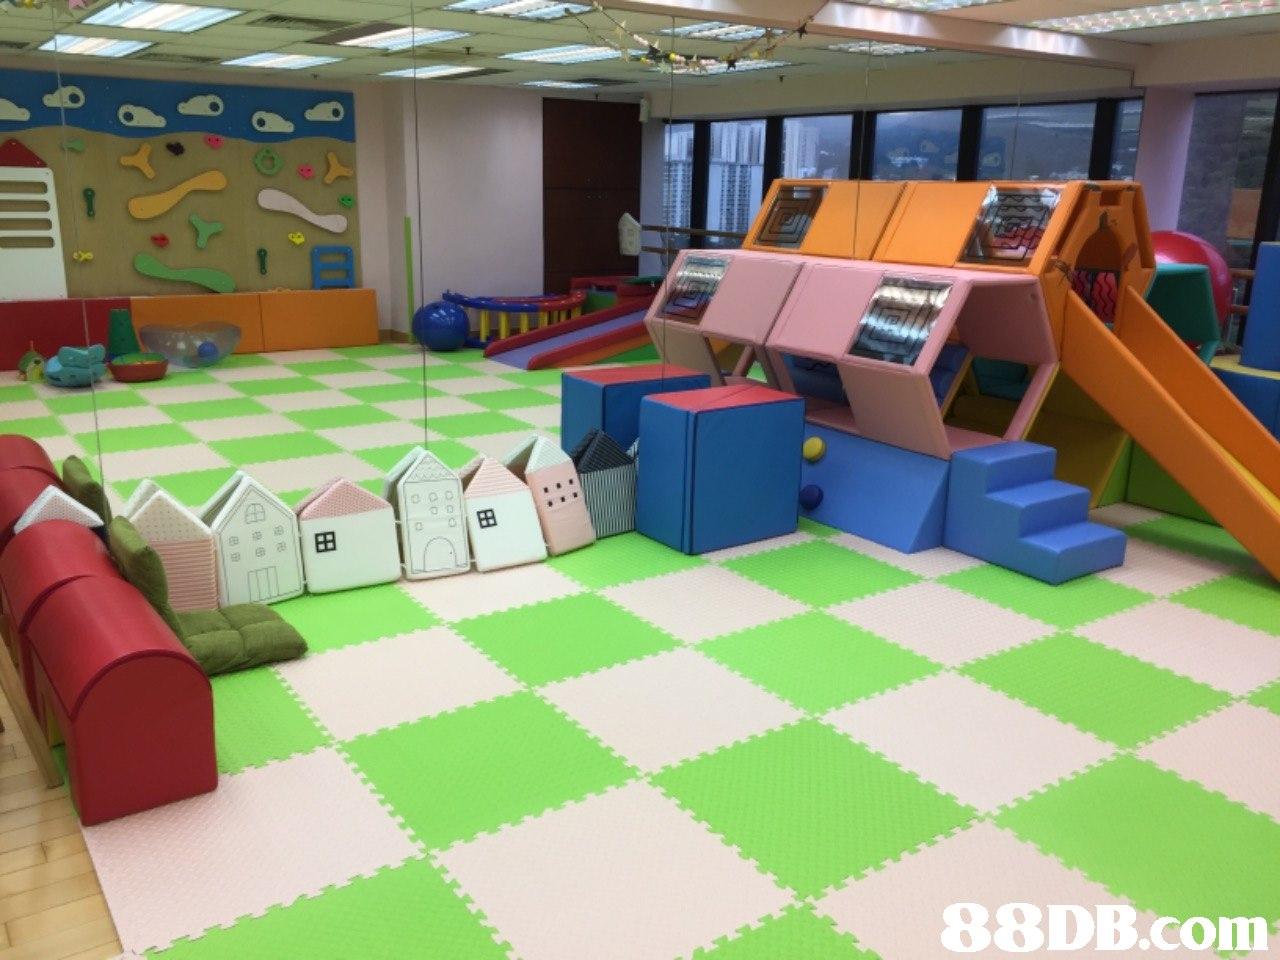 Play,Kindergarten,Room,Child,Playground